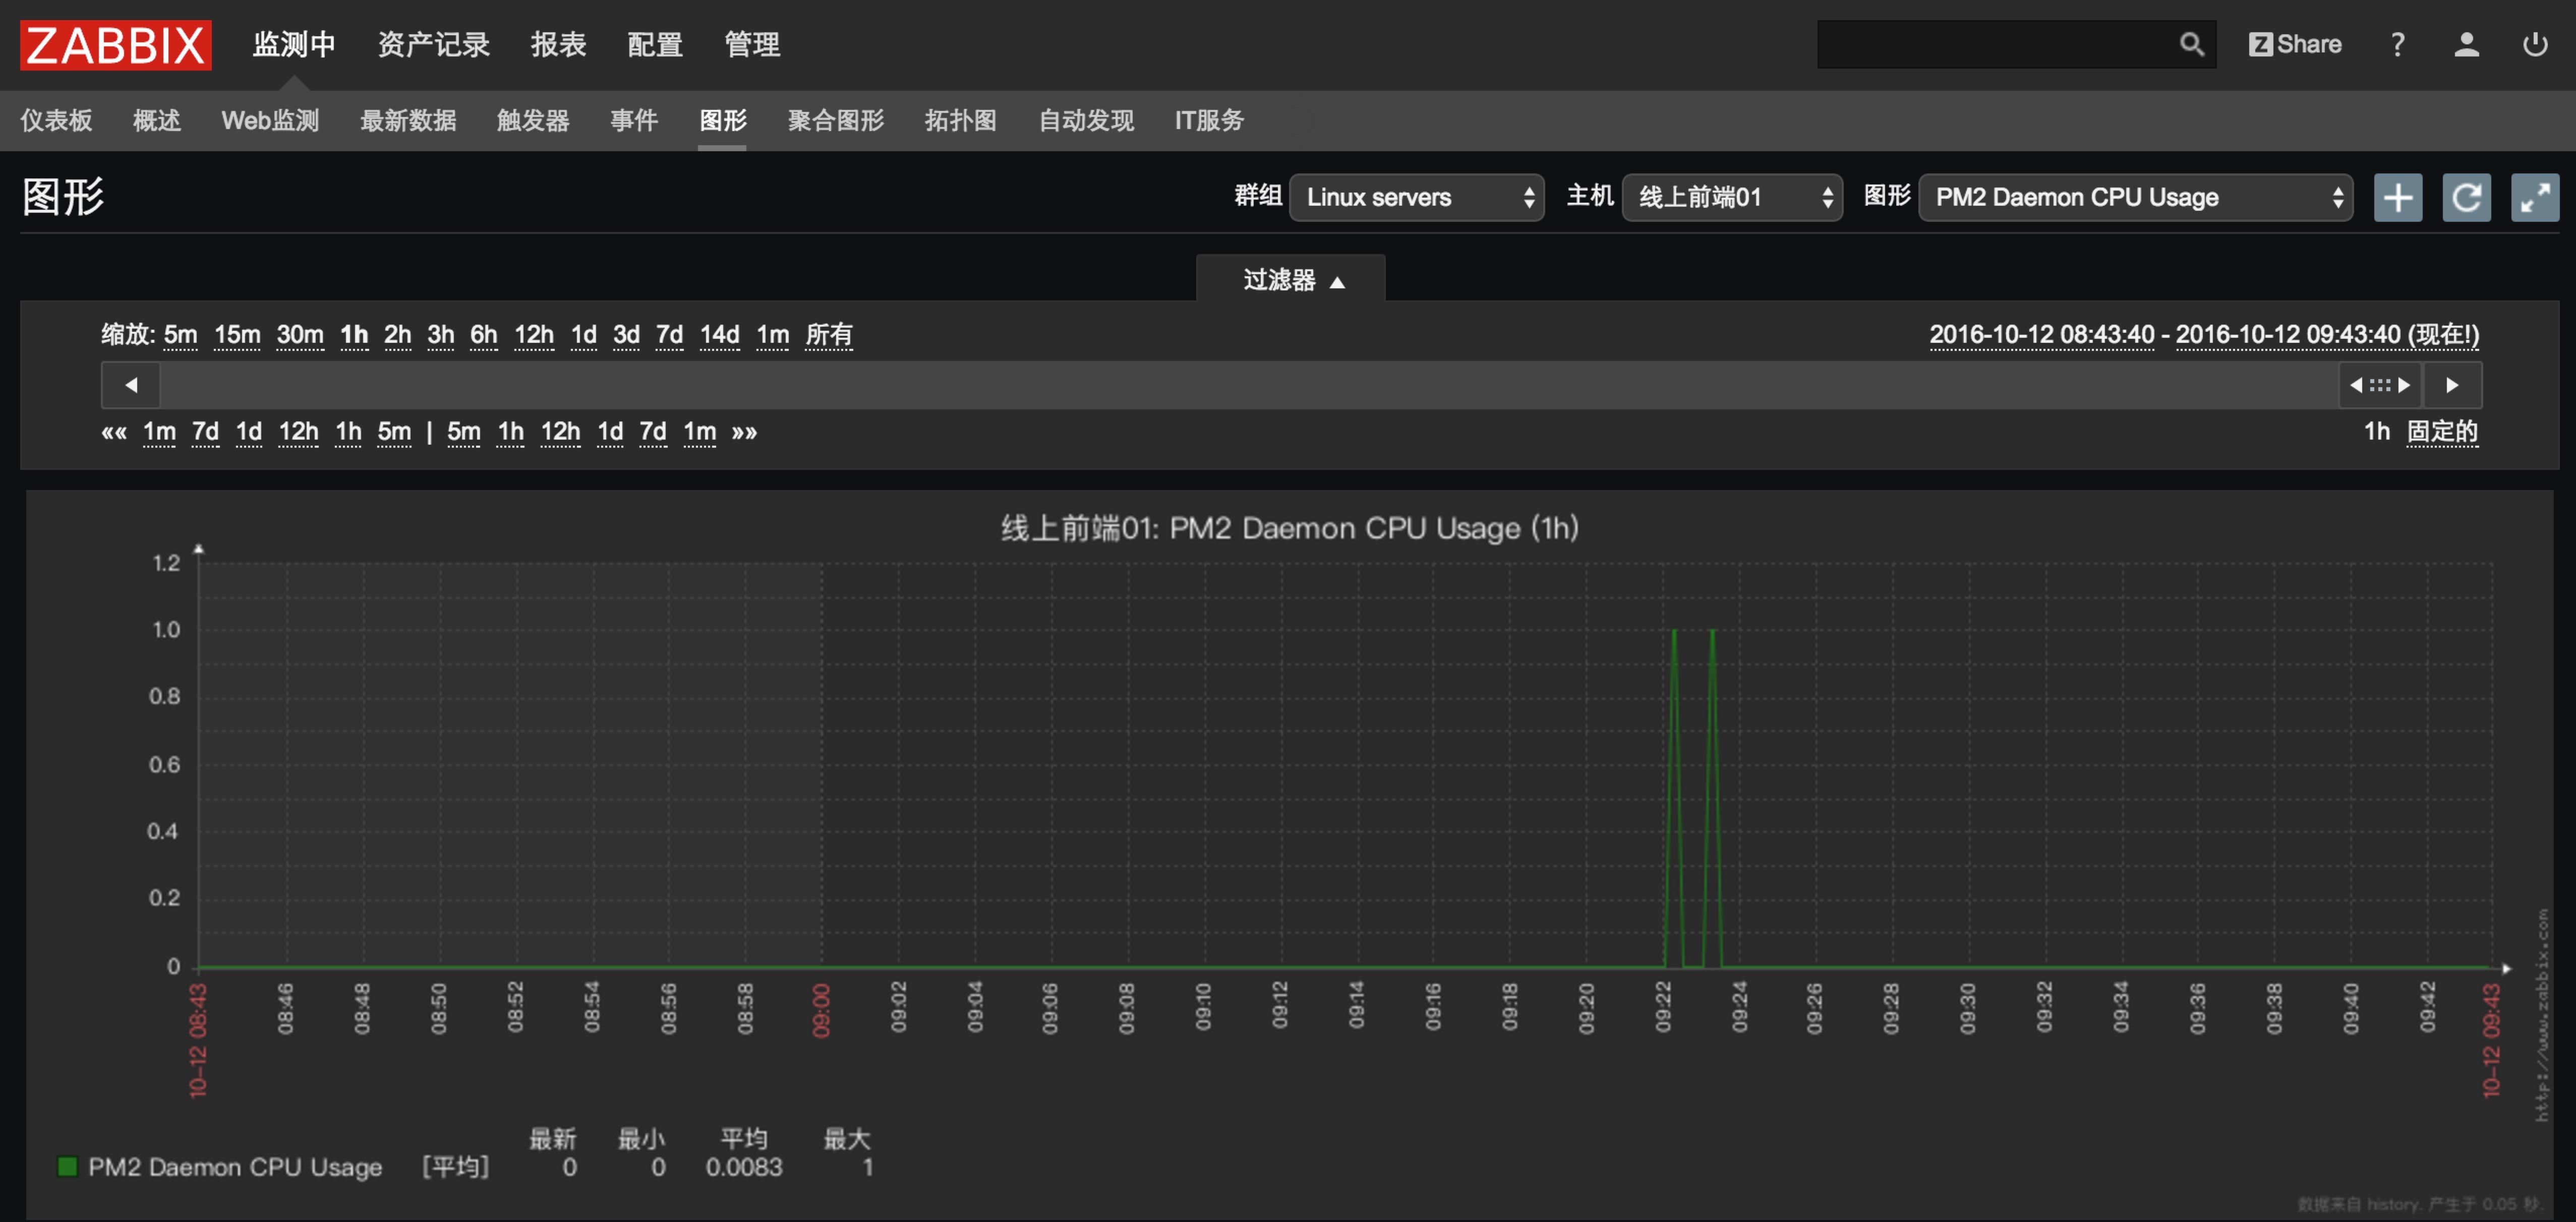 PM2 Daemon CPU Usage